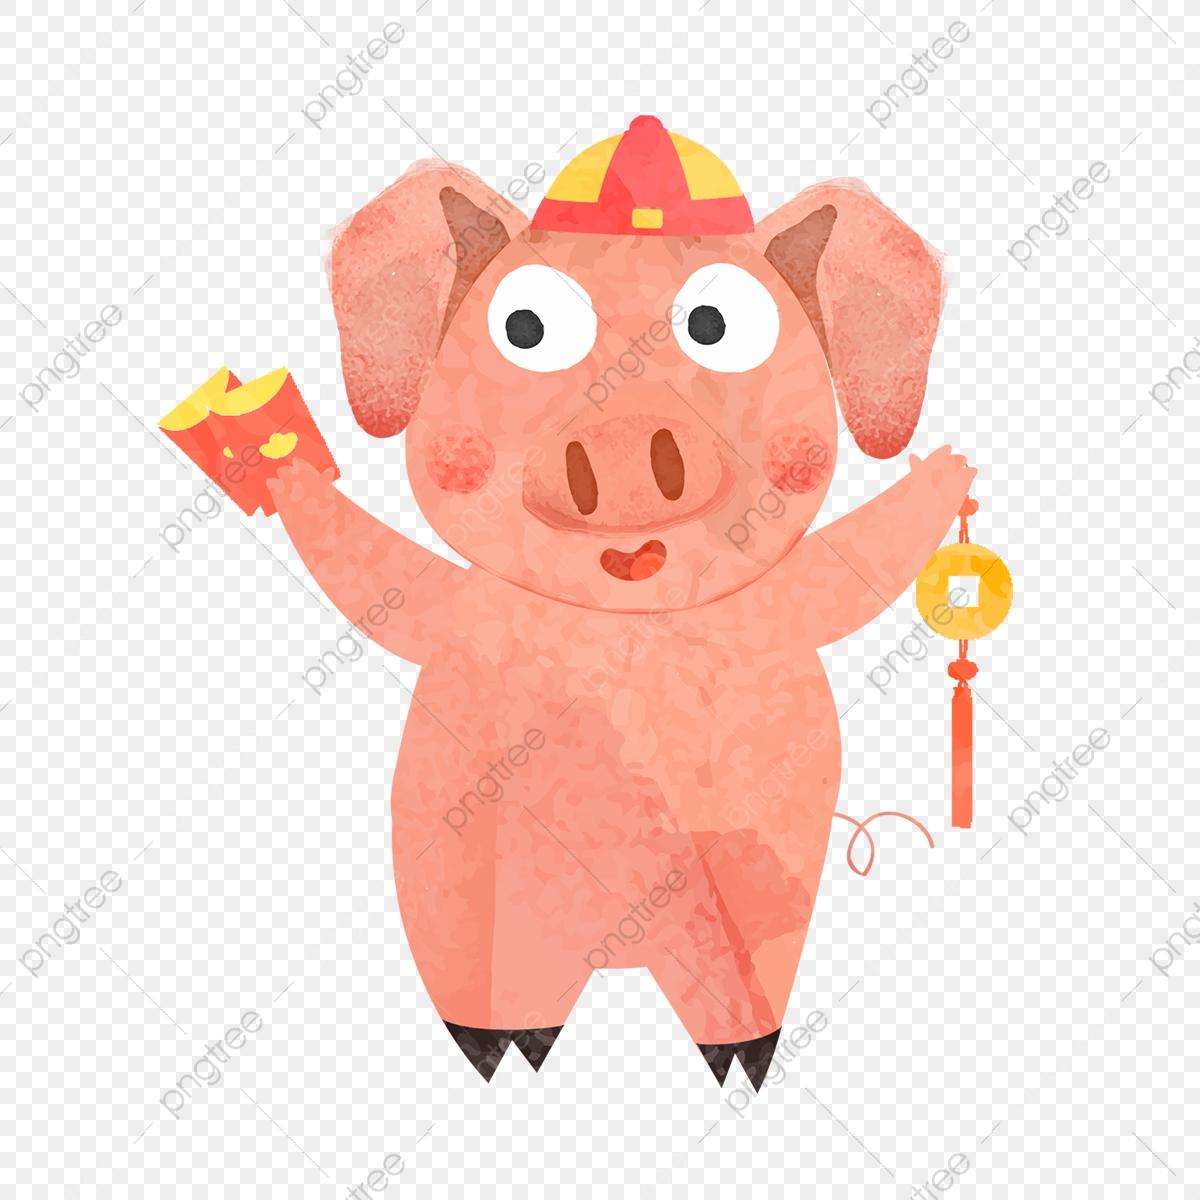 性格ブタ年子豚新年イラスト 愛らしい 漫画 豚画像とpsd素材ファイルの